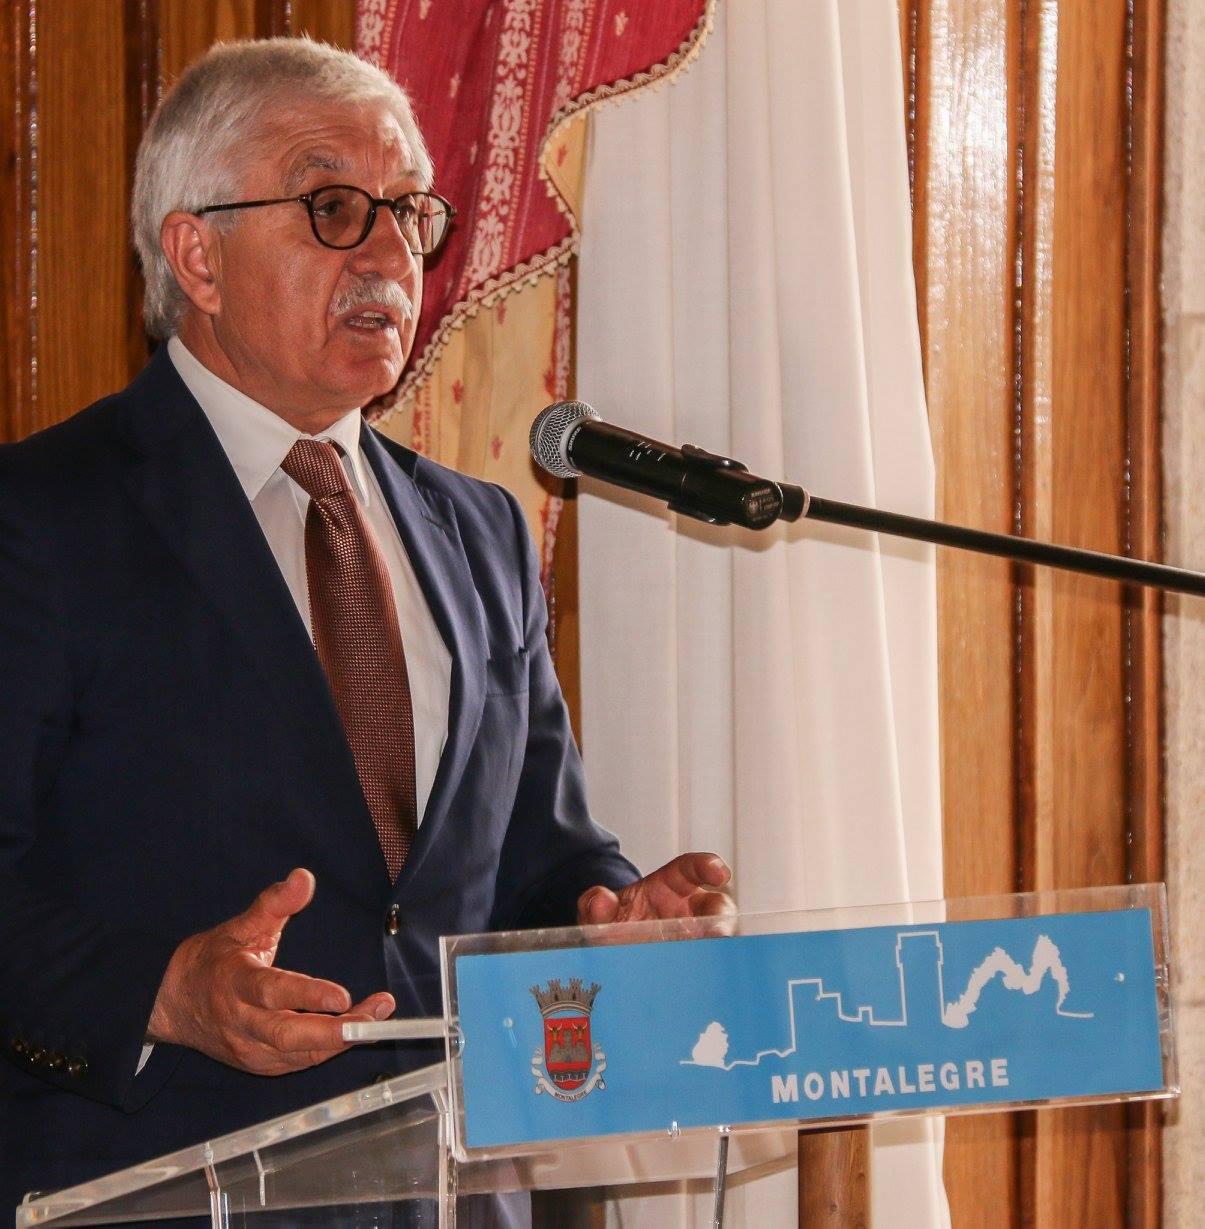 Câmara de Montalegre: Presidente e Vice-presidente acusados de corrupção